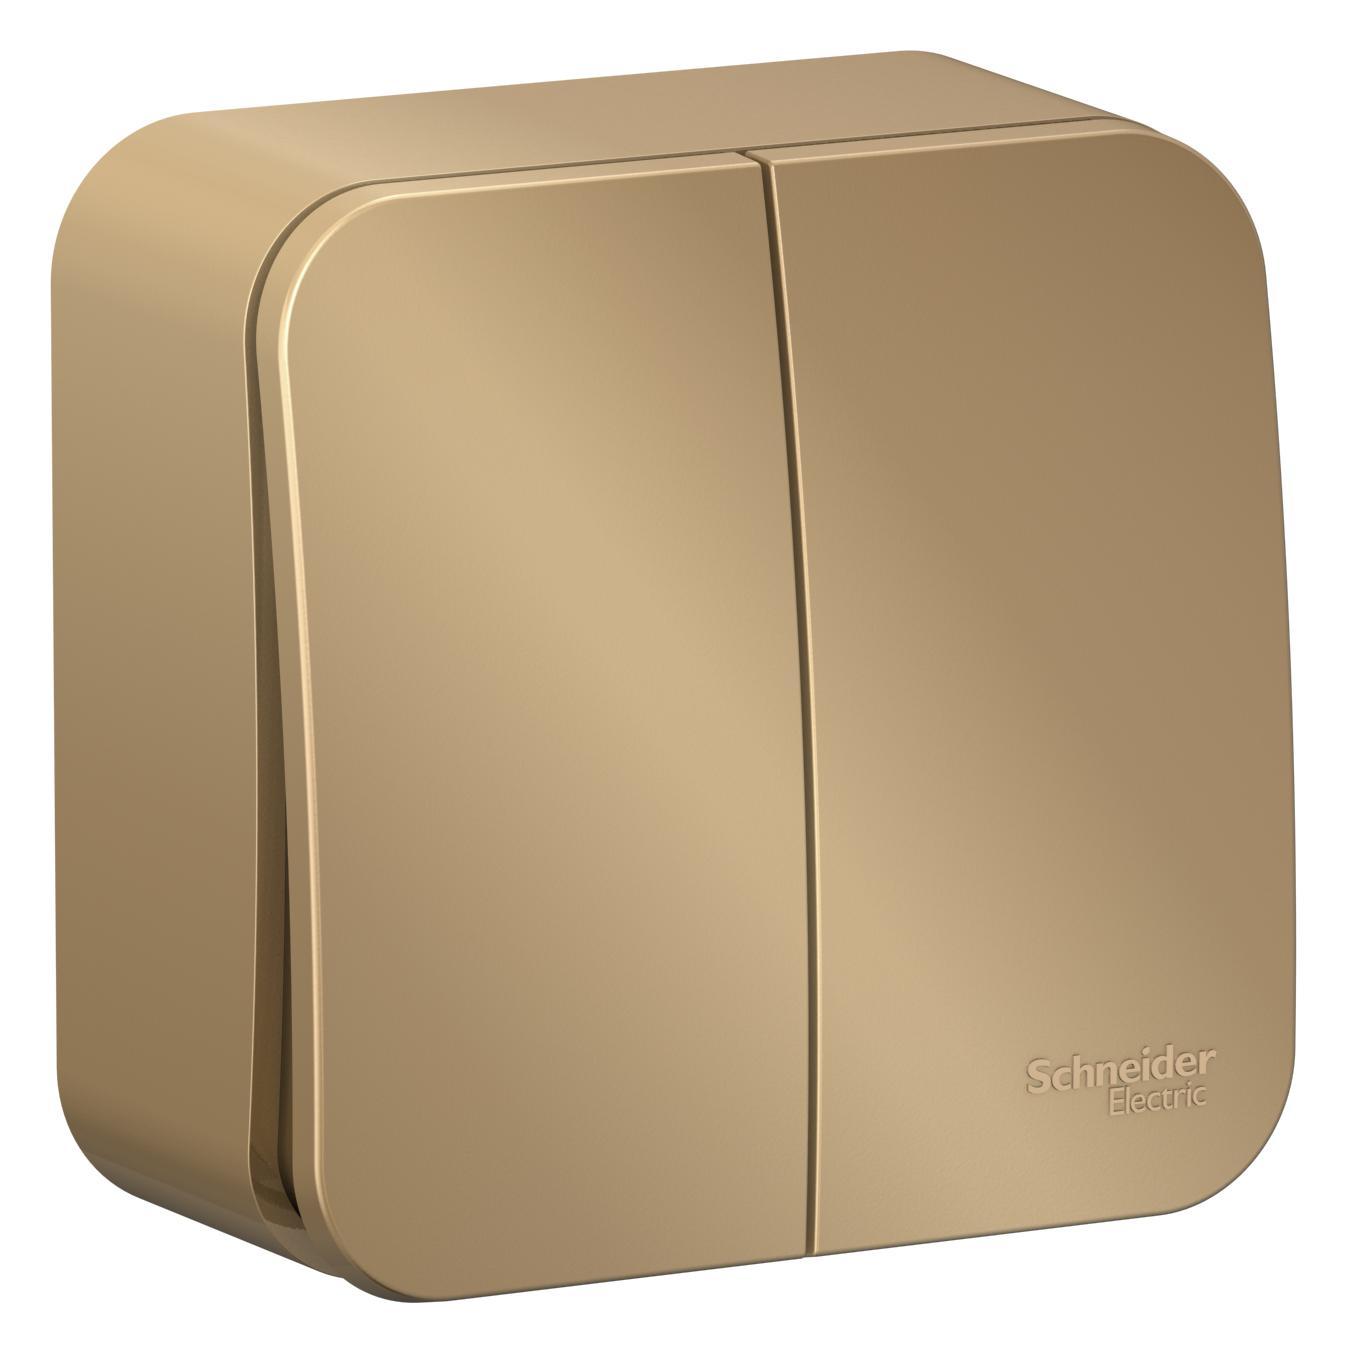 Выключатель Schneider electric Blnva105014 blanca выключатель schneider electric blnva101013 blanca